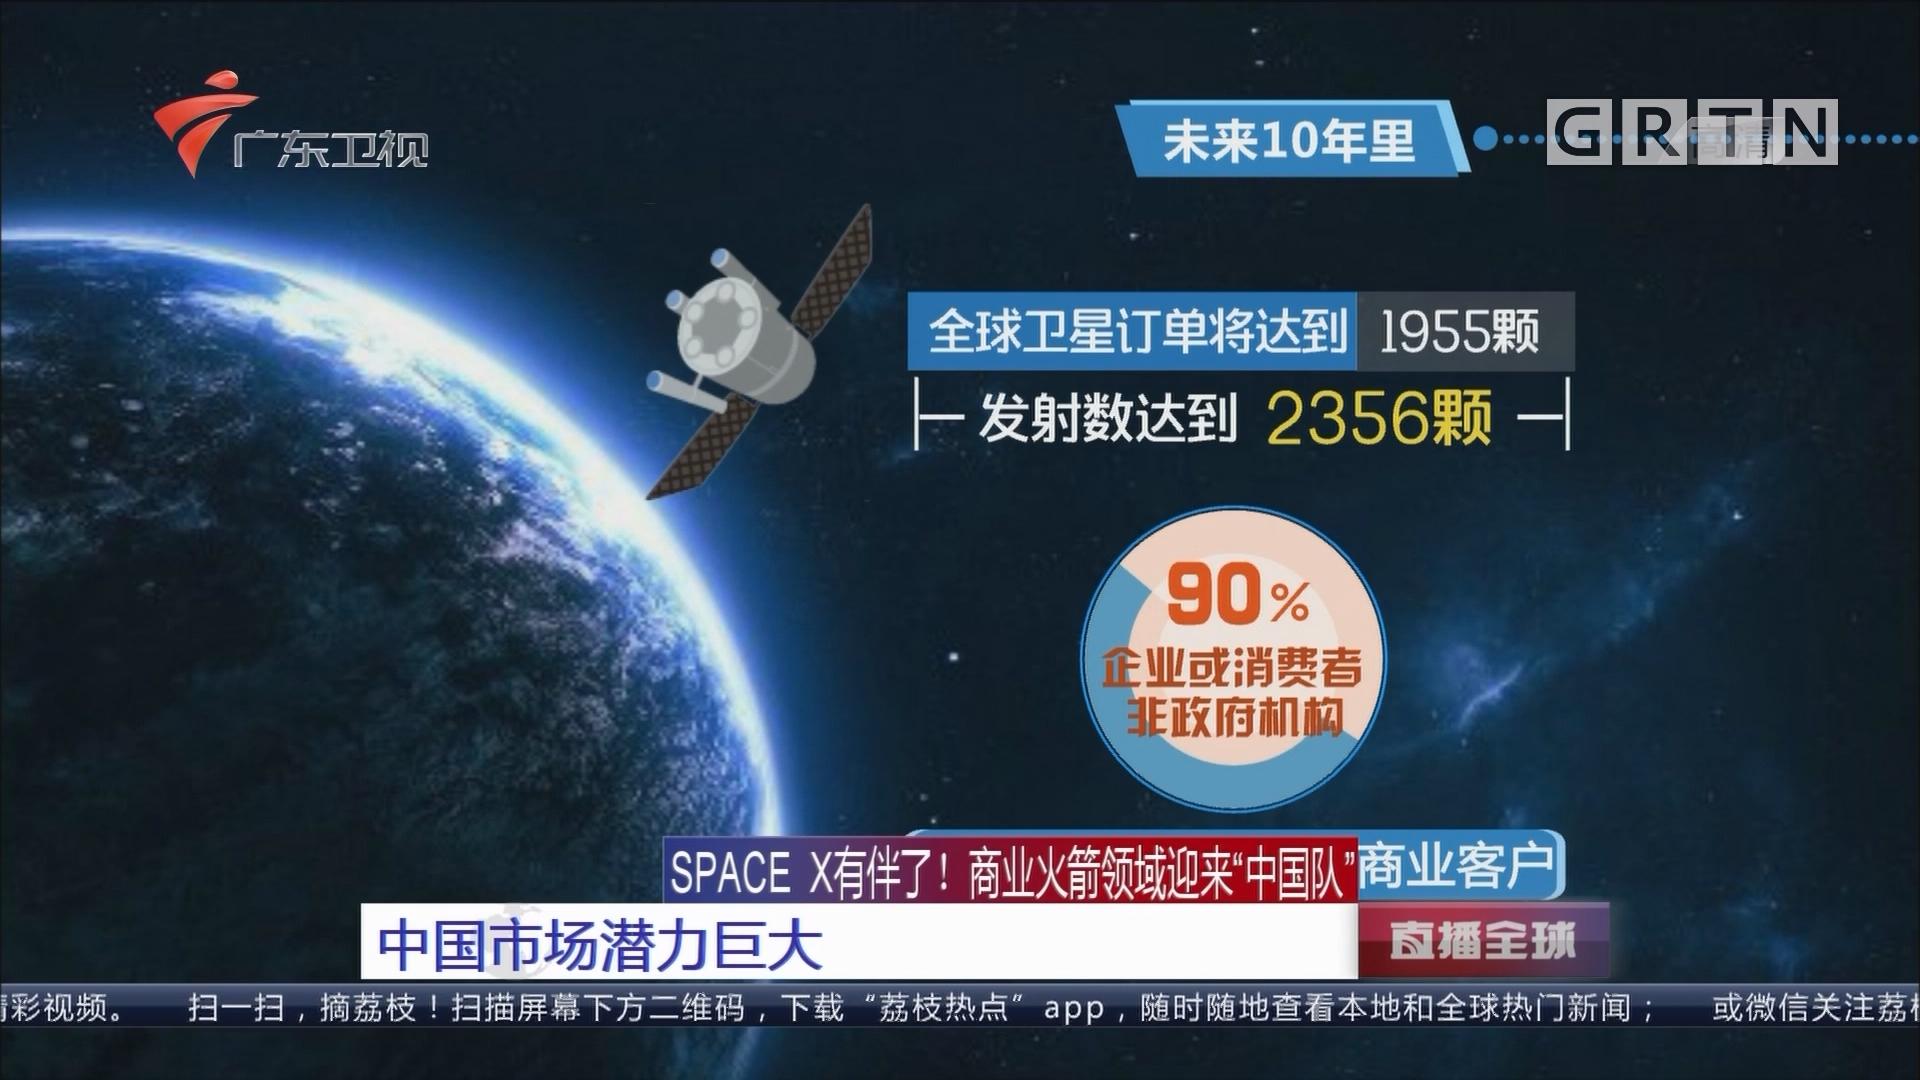 """SPACE X有伴了!商业火箭领域迎来""""中国队"""" 太空商业或发展成数万亿美元的市场"""